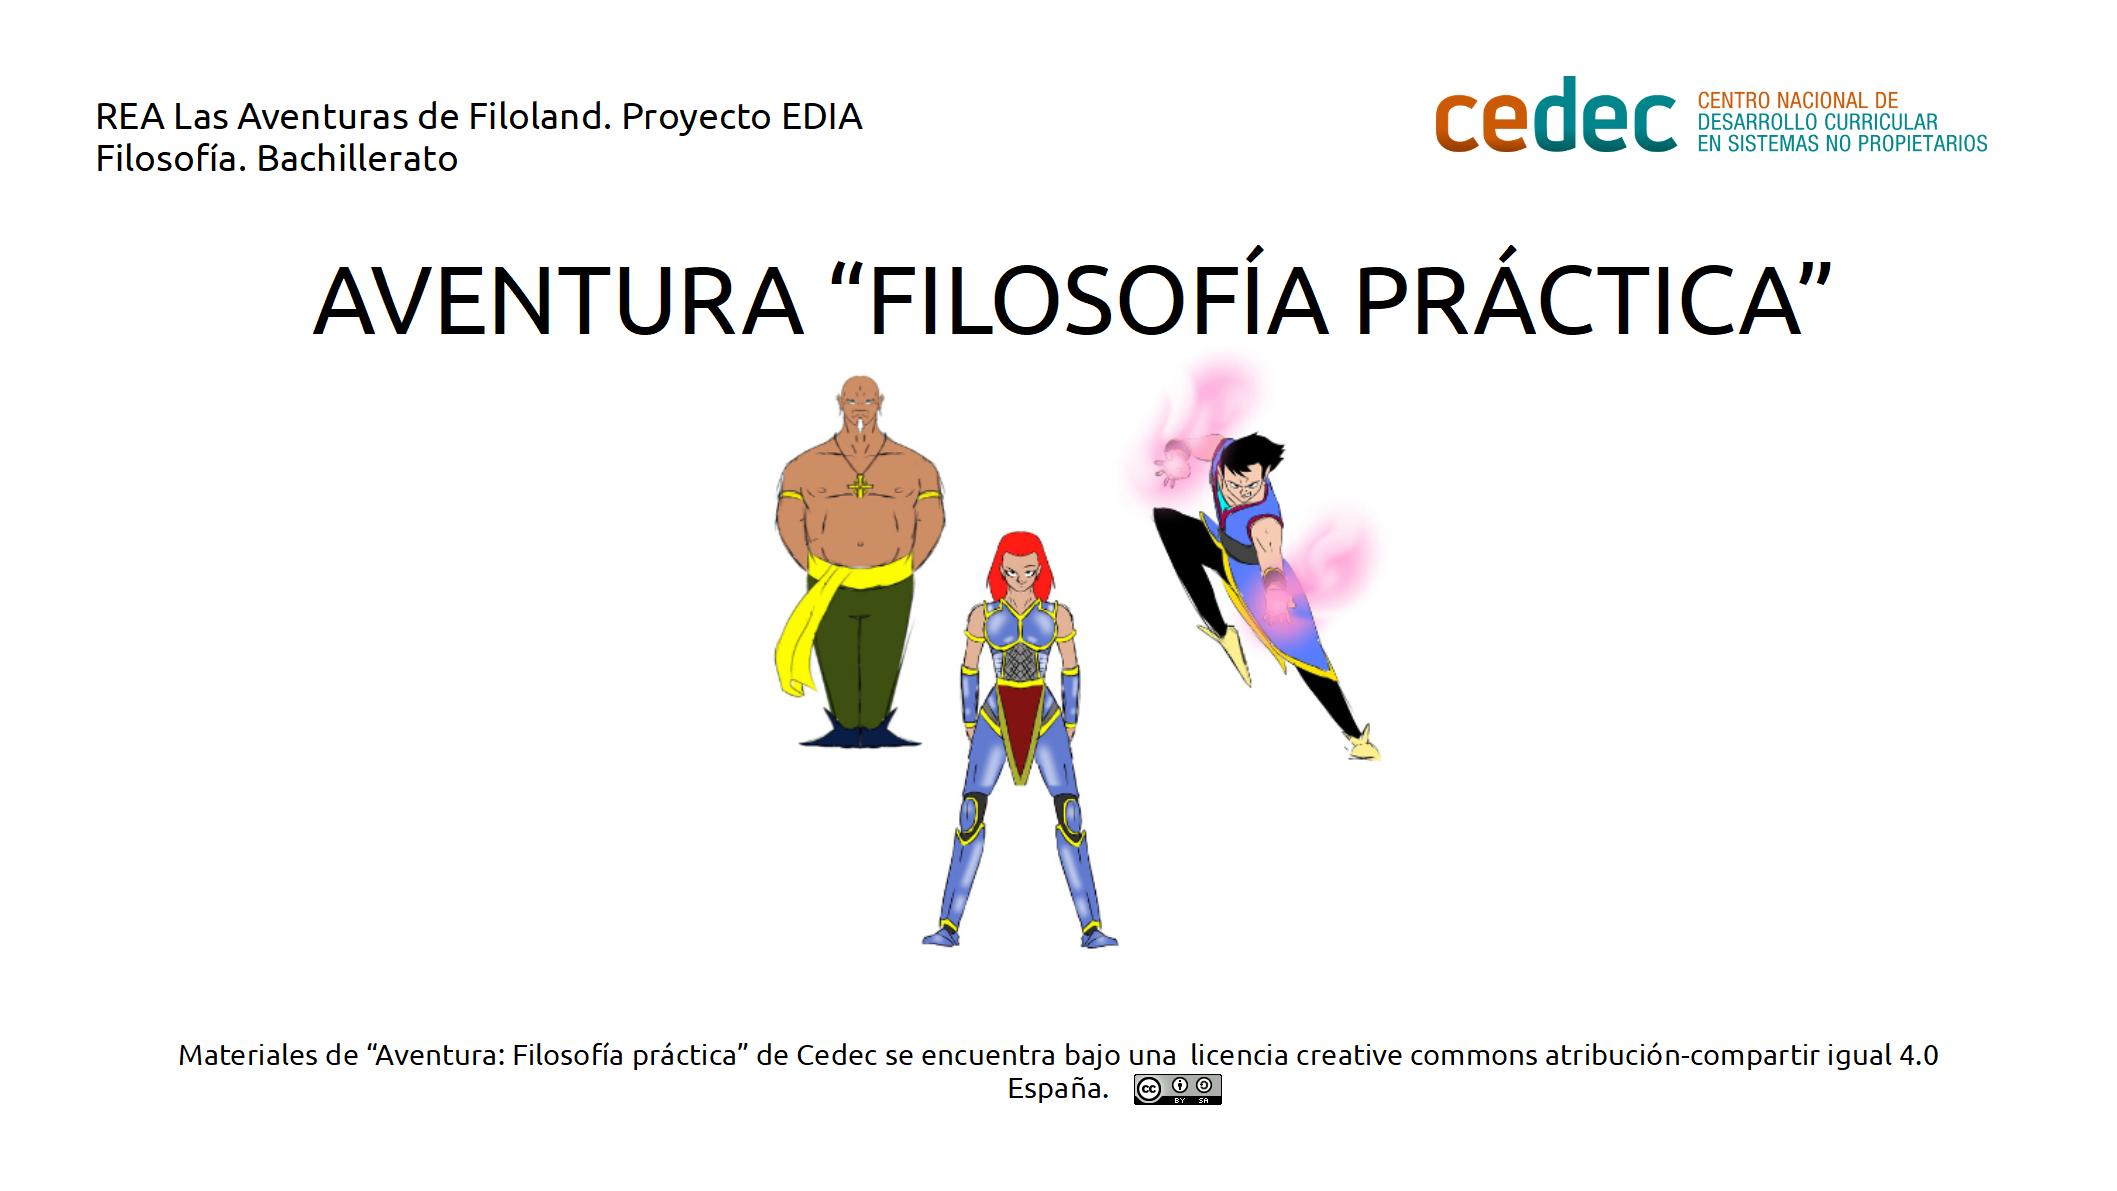 Imagen de la rúbricaAventura: Filosofía práctica